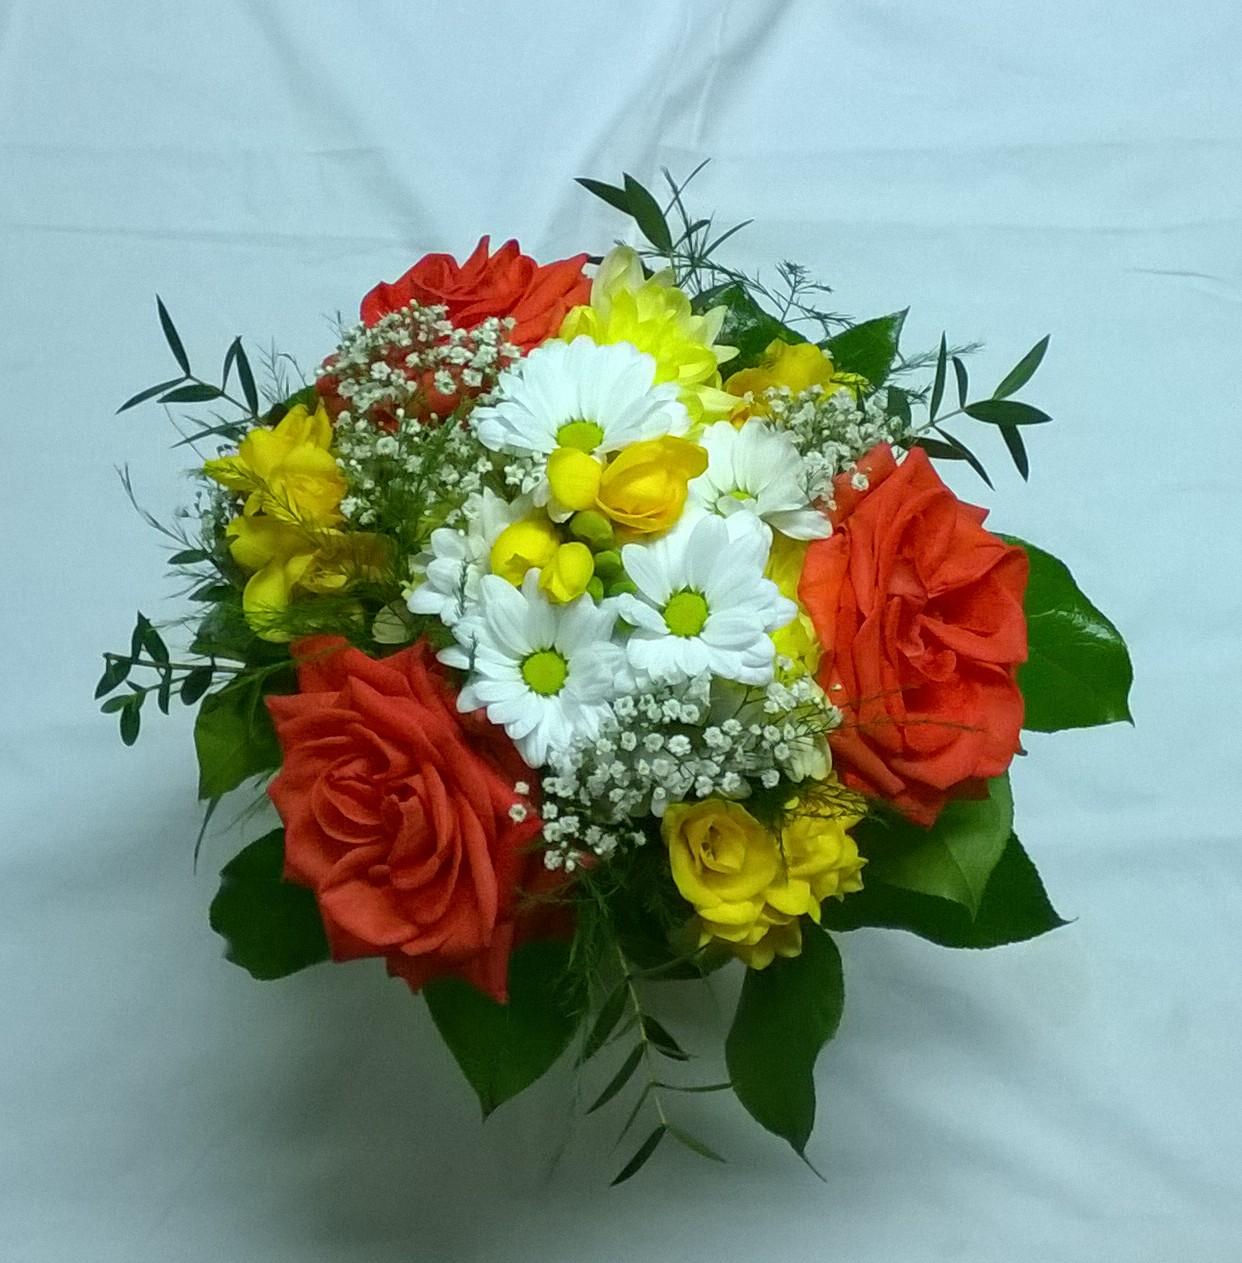 Květinářství s rozvozem Tábor  - Rozvoz dočasně pozastaven - pouze po domluvě!